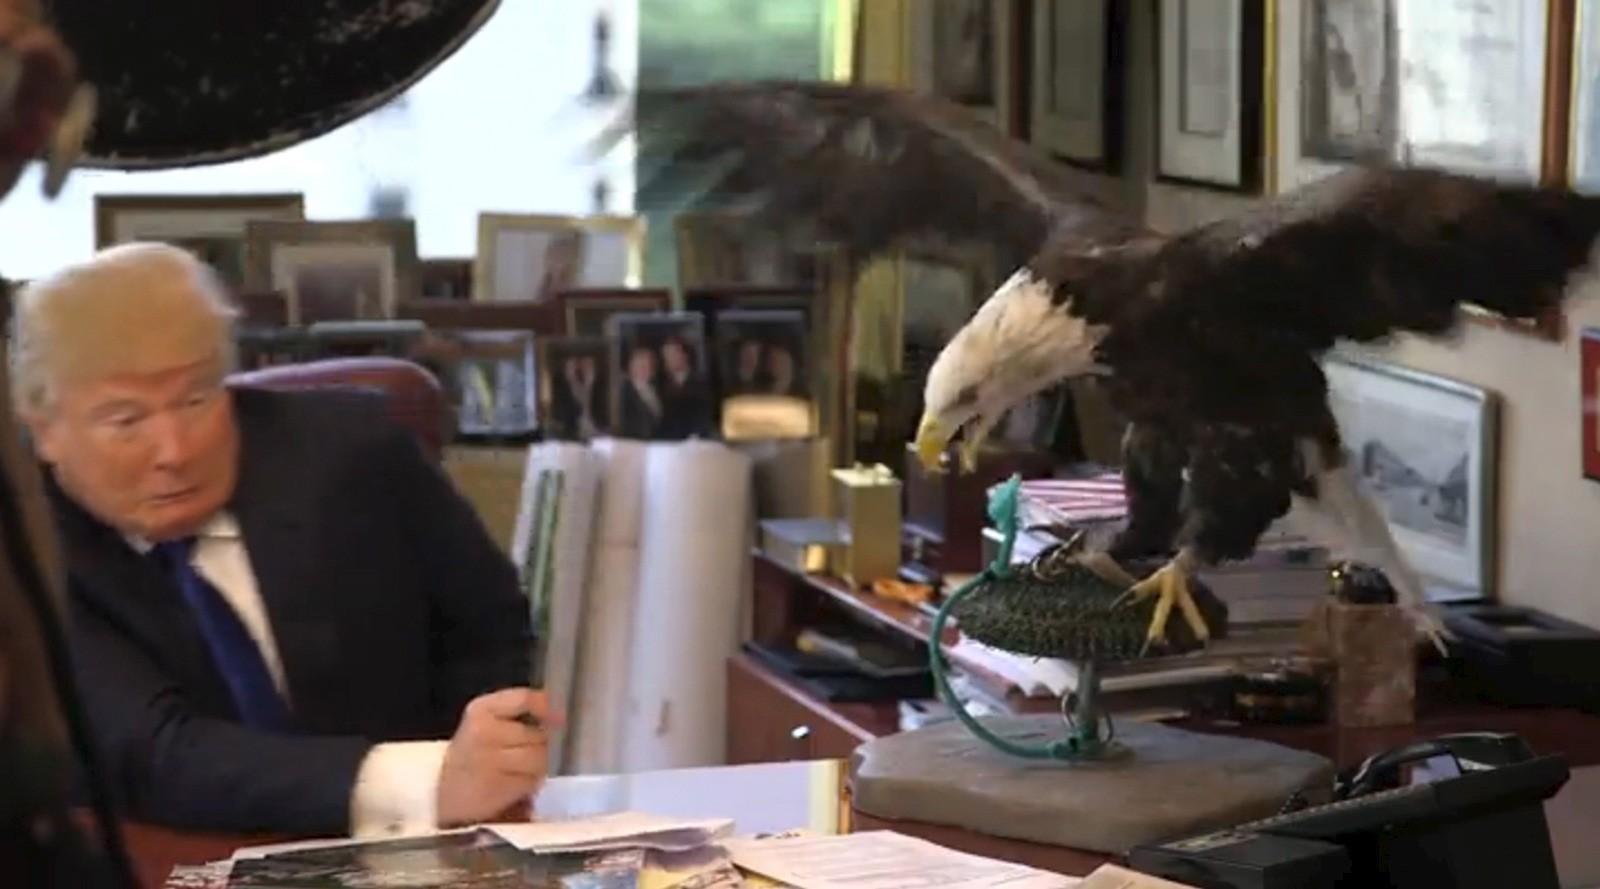 Alt gikk ikke helt etter planen da presidentkandidat Donald Trump skulle posere for bilder til magasinet TIME sammen med en havørn. Ørna skal ha hakket på Trump flere ganger.